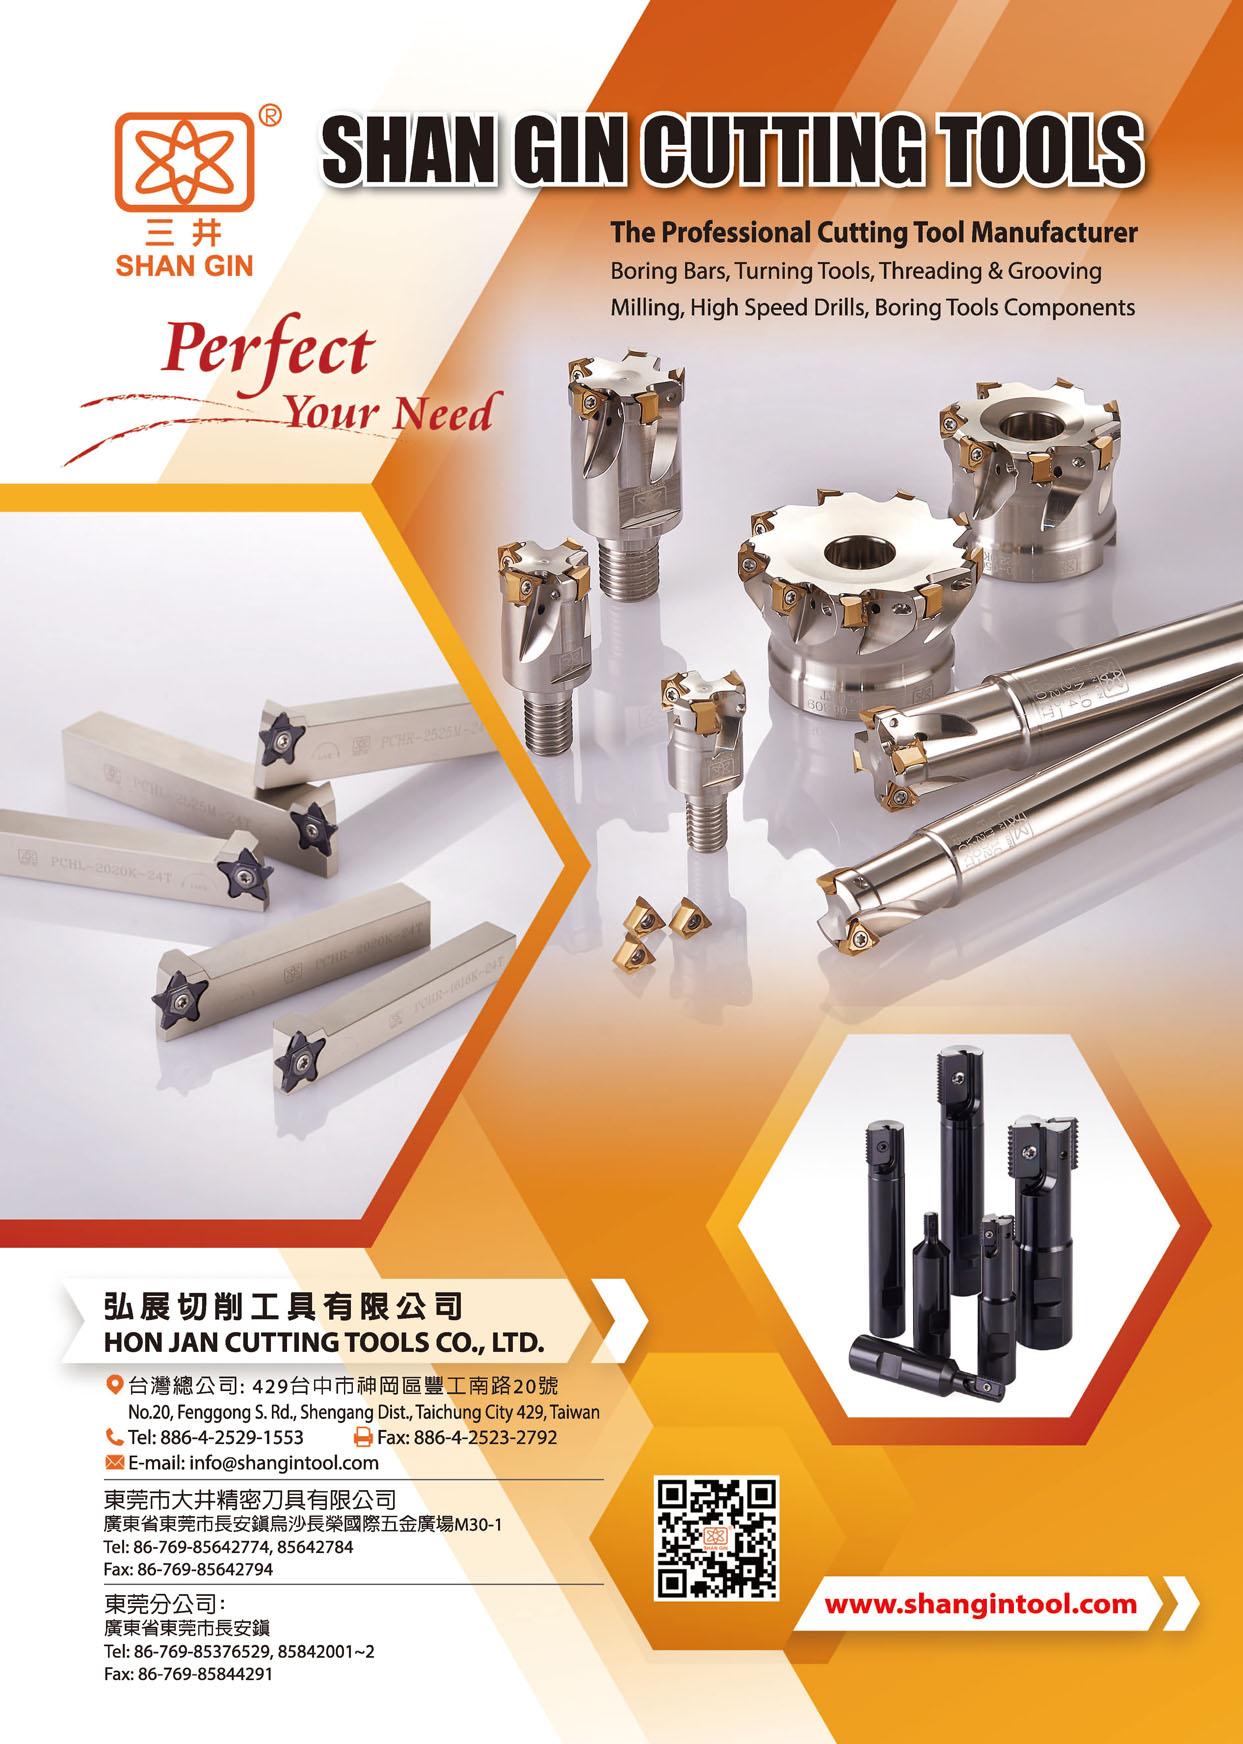 台灣機械製造廠商名錄 弘展切削工具有限公司